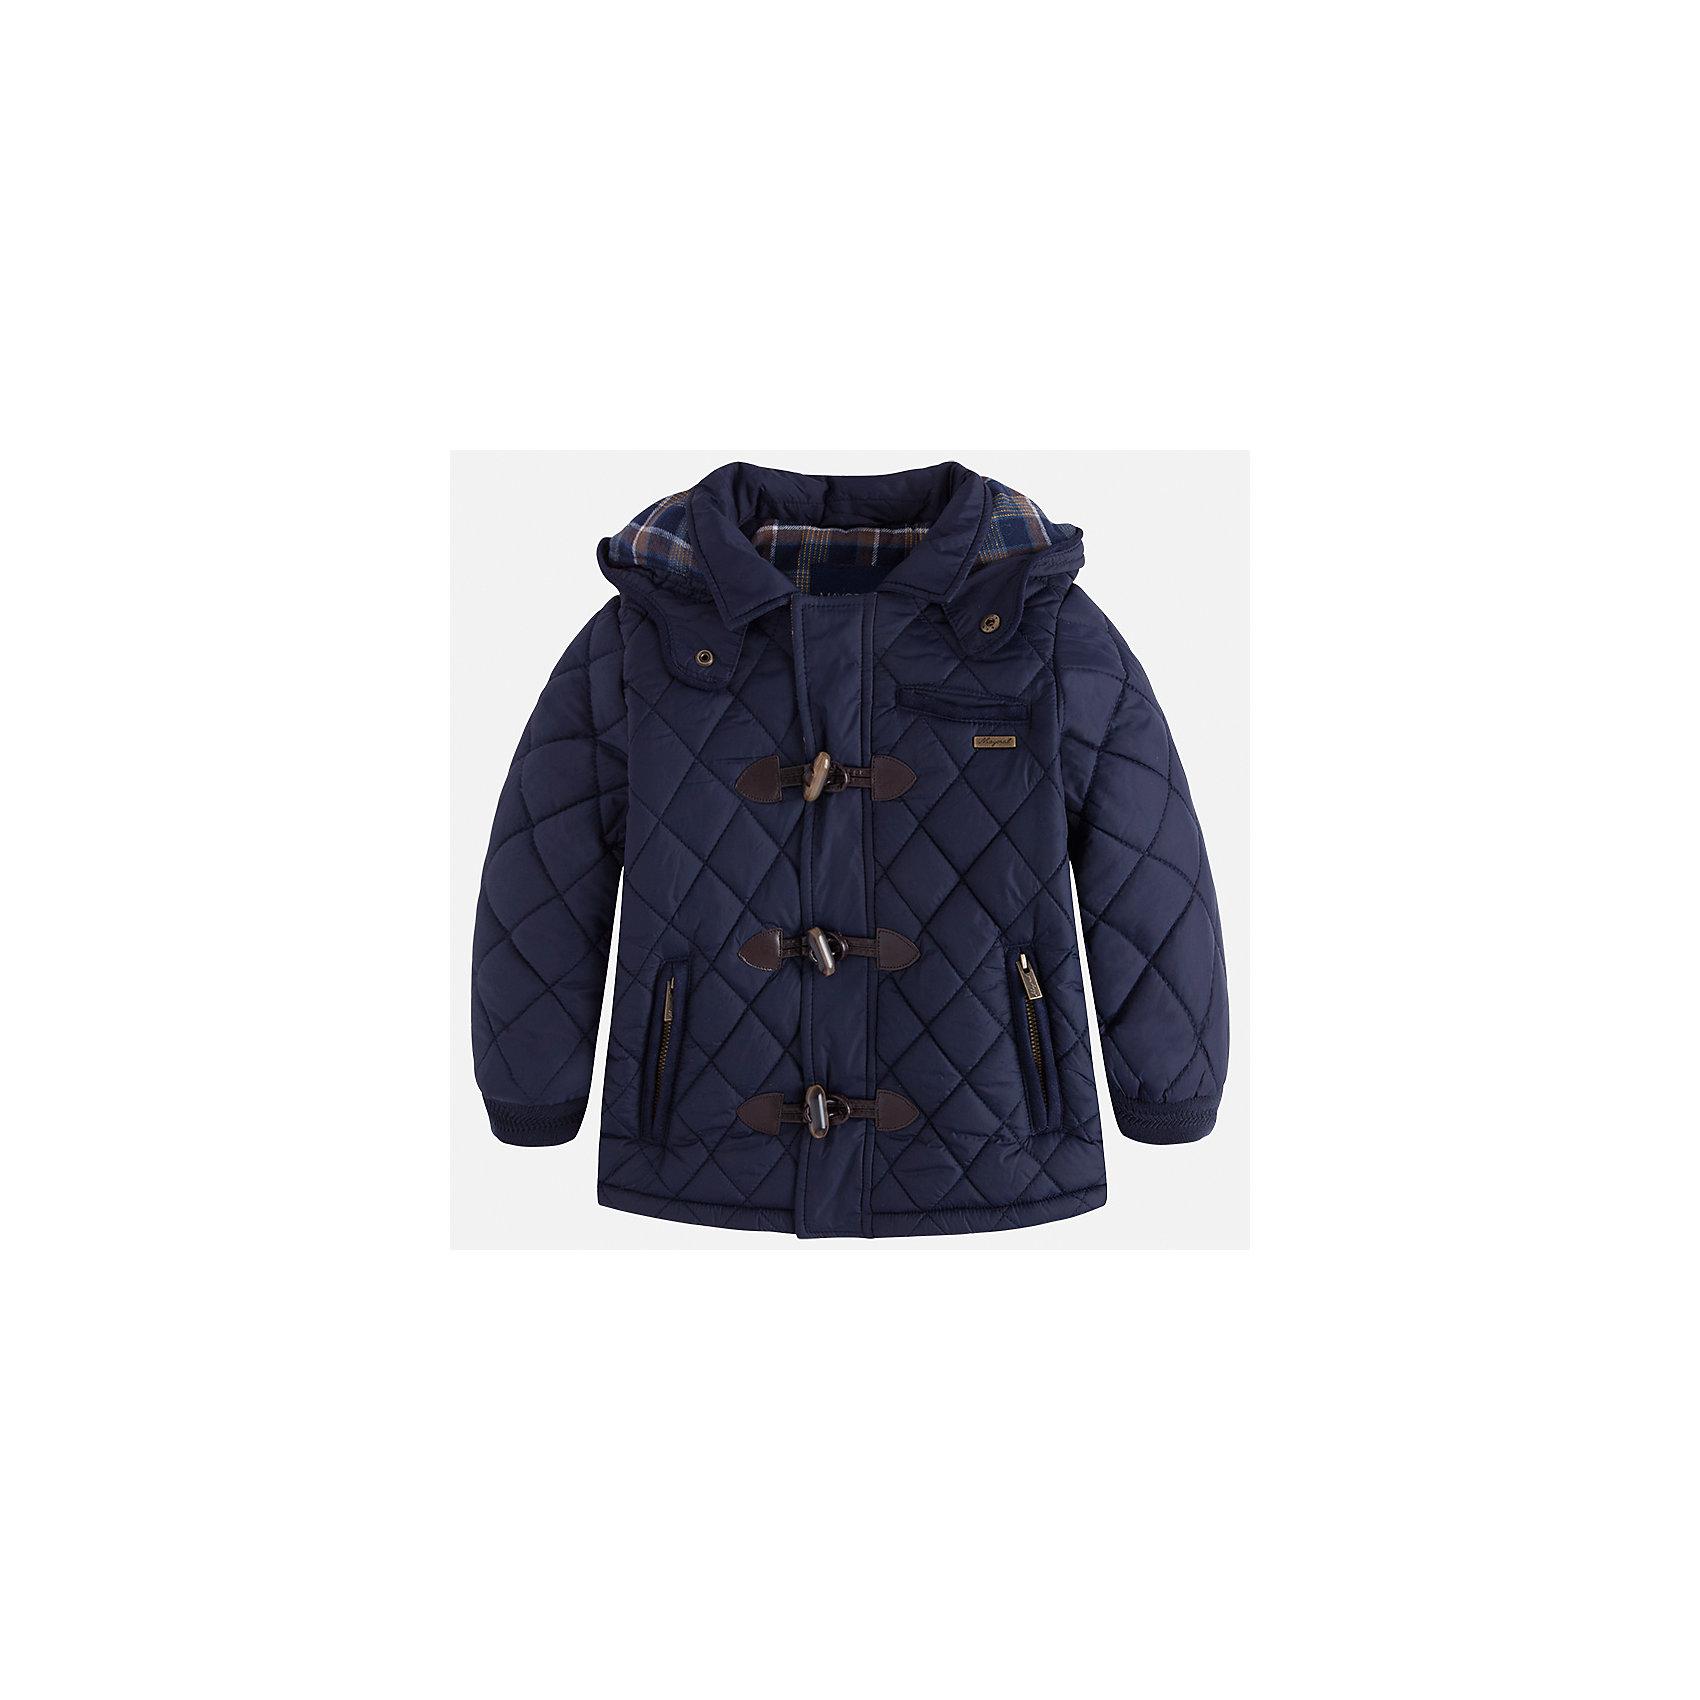 Куртка Mayoral для мальчикаДемисезонные куртки<br>Характеристики товара:<br><br>• цвет: синий<br>• состав ткани: 100% полиамид<br>• подкладка: 100% хлопок<br>• утеплитель: 100% полиэстер<br>• сезон: демисезон<br>• температурный режим: от +5 до +15<br>• особенности куртки: стеганая, с капюшоном<br>• капюшон: несъемный<br>• застежка: молния, пуговицы<br>• страна бренда: Испания<br>• страна изготовитель: Индия<br><br>Легкая демисезонная детская куртка подойдет для переменной погоды. Отличный способ обеспечить ребенку тепло и комфорт - надеть теплую куртку от Mayoral. Детская куртка сшита из приятного на ощупь материала. Куртка для мальчика Mayoral дополнена теплой подкладкой. <br><br>Куртку для мальчика Mayoral (Майорал) можно купить в нашем интернет-магазине.<br><br>Ширина мм: 356<br>Глубина мм: 10<br>Высота мм: 245<br>Вес г: 519<br>Цвет: синий<br>Возраст от месяцев: 72<br>Возраст до месяцев: 84<br>Пол: Мужской<br>Возраст: Детский<br>Размер: 122,128,134,92,98,104,110,116<br>SKU: 6934607